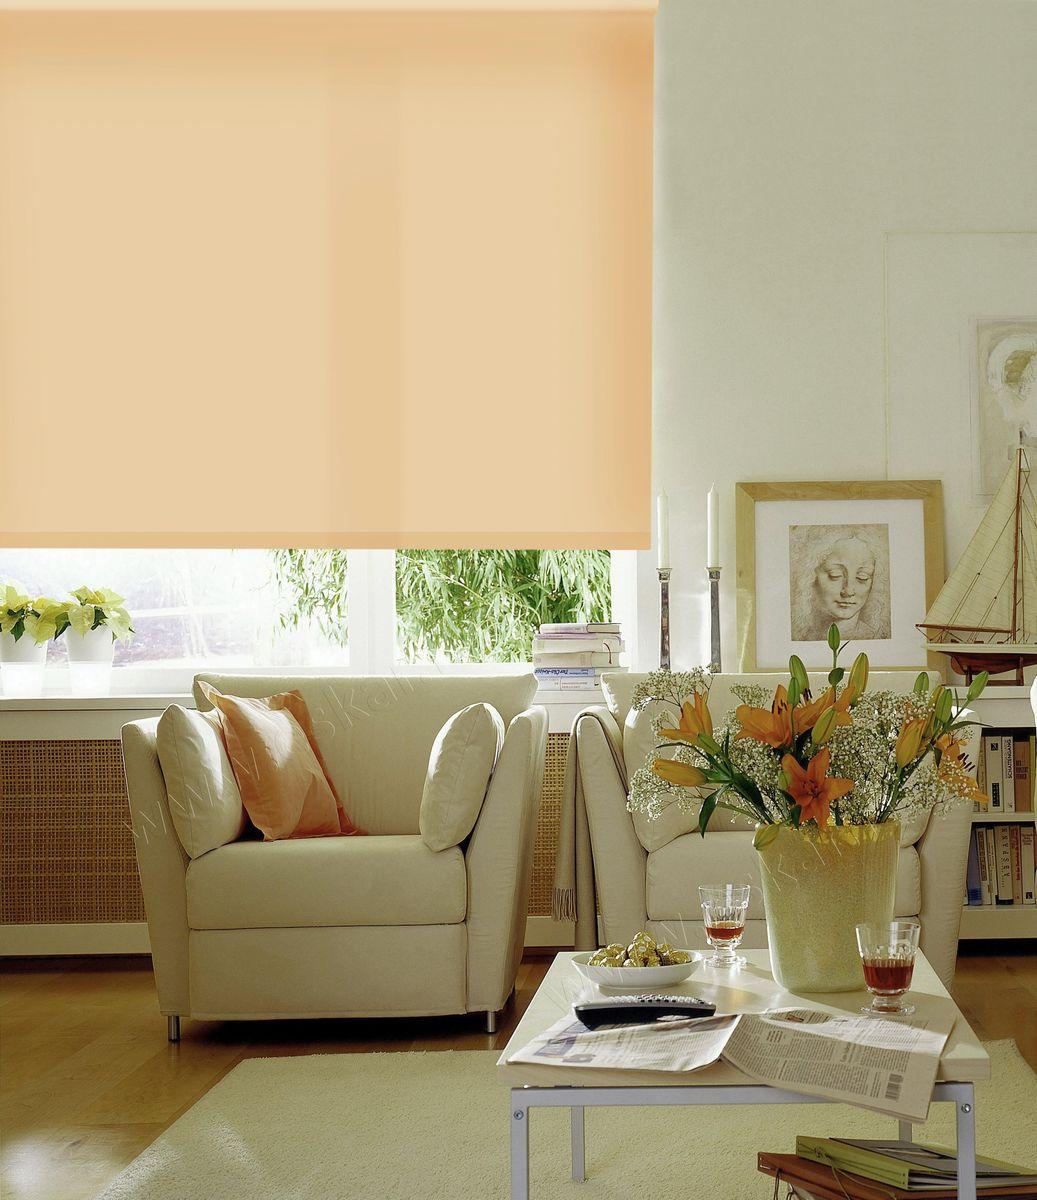 Штора рулонная Эскар, цвет: светло-абрикосовый, ширина 120 см, высота 170 см106-026Рулонными шторами можно оформлять окна как самостоятельно, так и использовать в комбинации с портьерами. Это поможет предотвратить выгорание дорогой ткани на солнце и соединит функционал рулонных с красотой навесных.Преимущества применения рулонных штор для пластиковых окон:- имеют прекрасный внешний вид: многообразие и фактурность материала изделия отлично смотрятся в любом интерьере; - многофункциональны: есть возможность подобрать шторы способные эффективно защитить комнату от солнца, при этом о на не будет слишком темной. - Есть возможность осуществить быстрый монтаж. ВНИМАНИЕ! Размеры ширины изделия указаны по ширине ткани!Во время эксплуатации не рекомендуется полностью разматывать рулон, чтобы не оторвать ткань от намоточного вала.В случае загрязнения поверхности ткани, чистку шторы проводят одним из способов, в зависимости от типа загрязнения: легкое поверхностное загрязнение можно удалить при помощи канцелярского ластика; чистка от пыли производится сухим методом при помощи пылесоса с мягкой щеткой-насадкой; для удаления пятна используйте мягкую губку с пенообразующим неагрессивным моющим средством или пятновыводитель на натуральной основе (нельзя применять растворители).